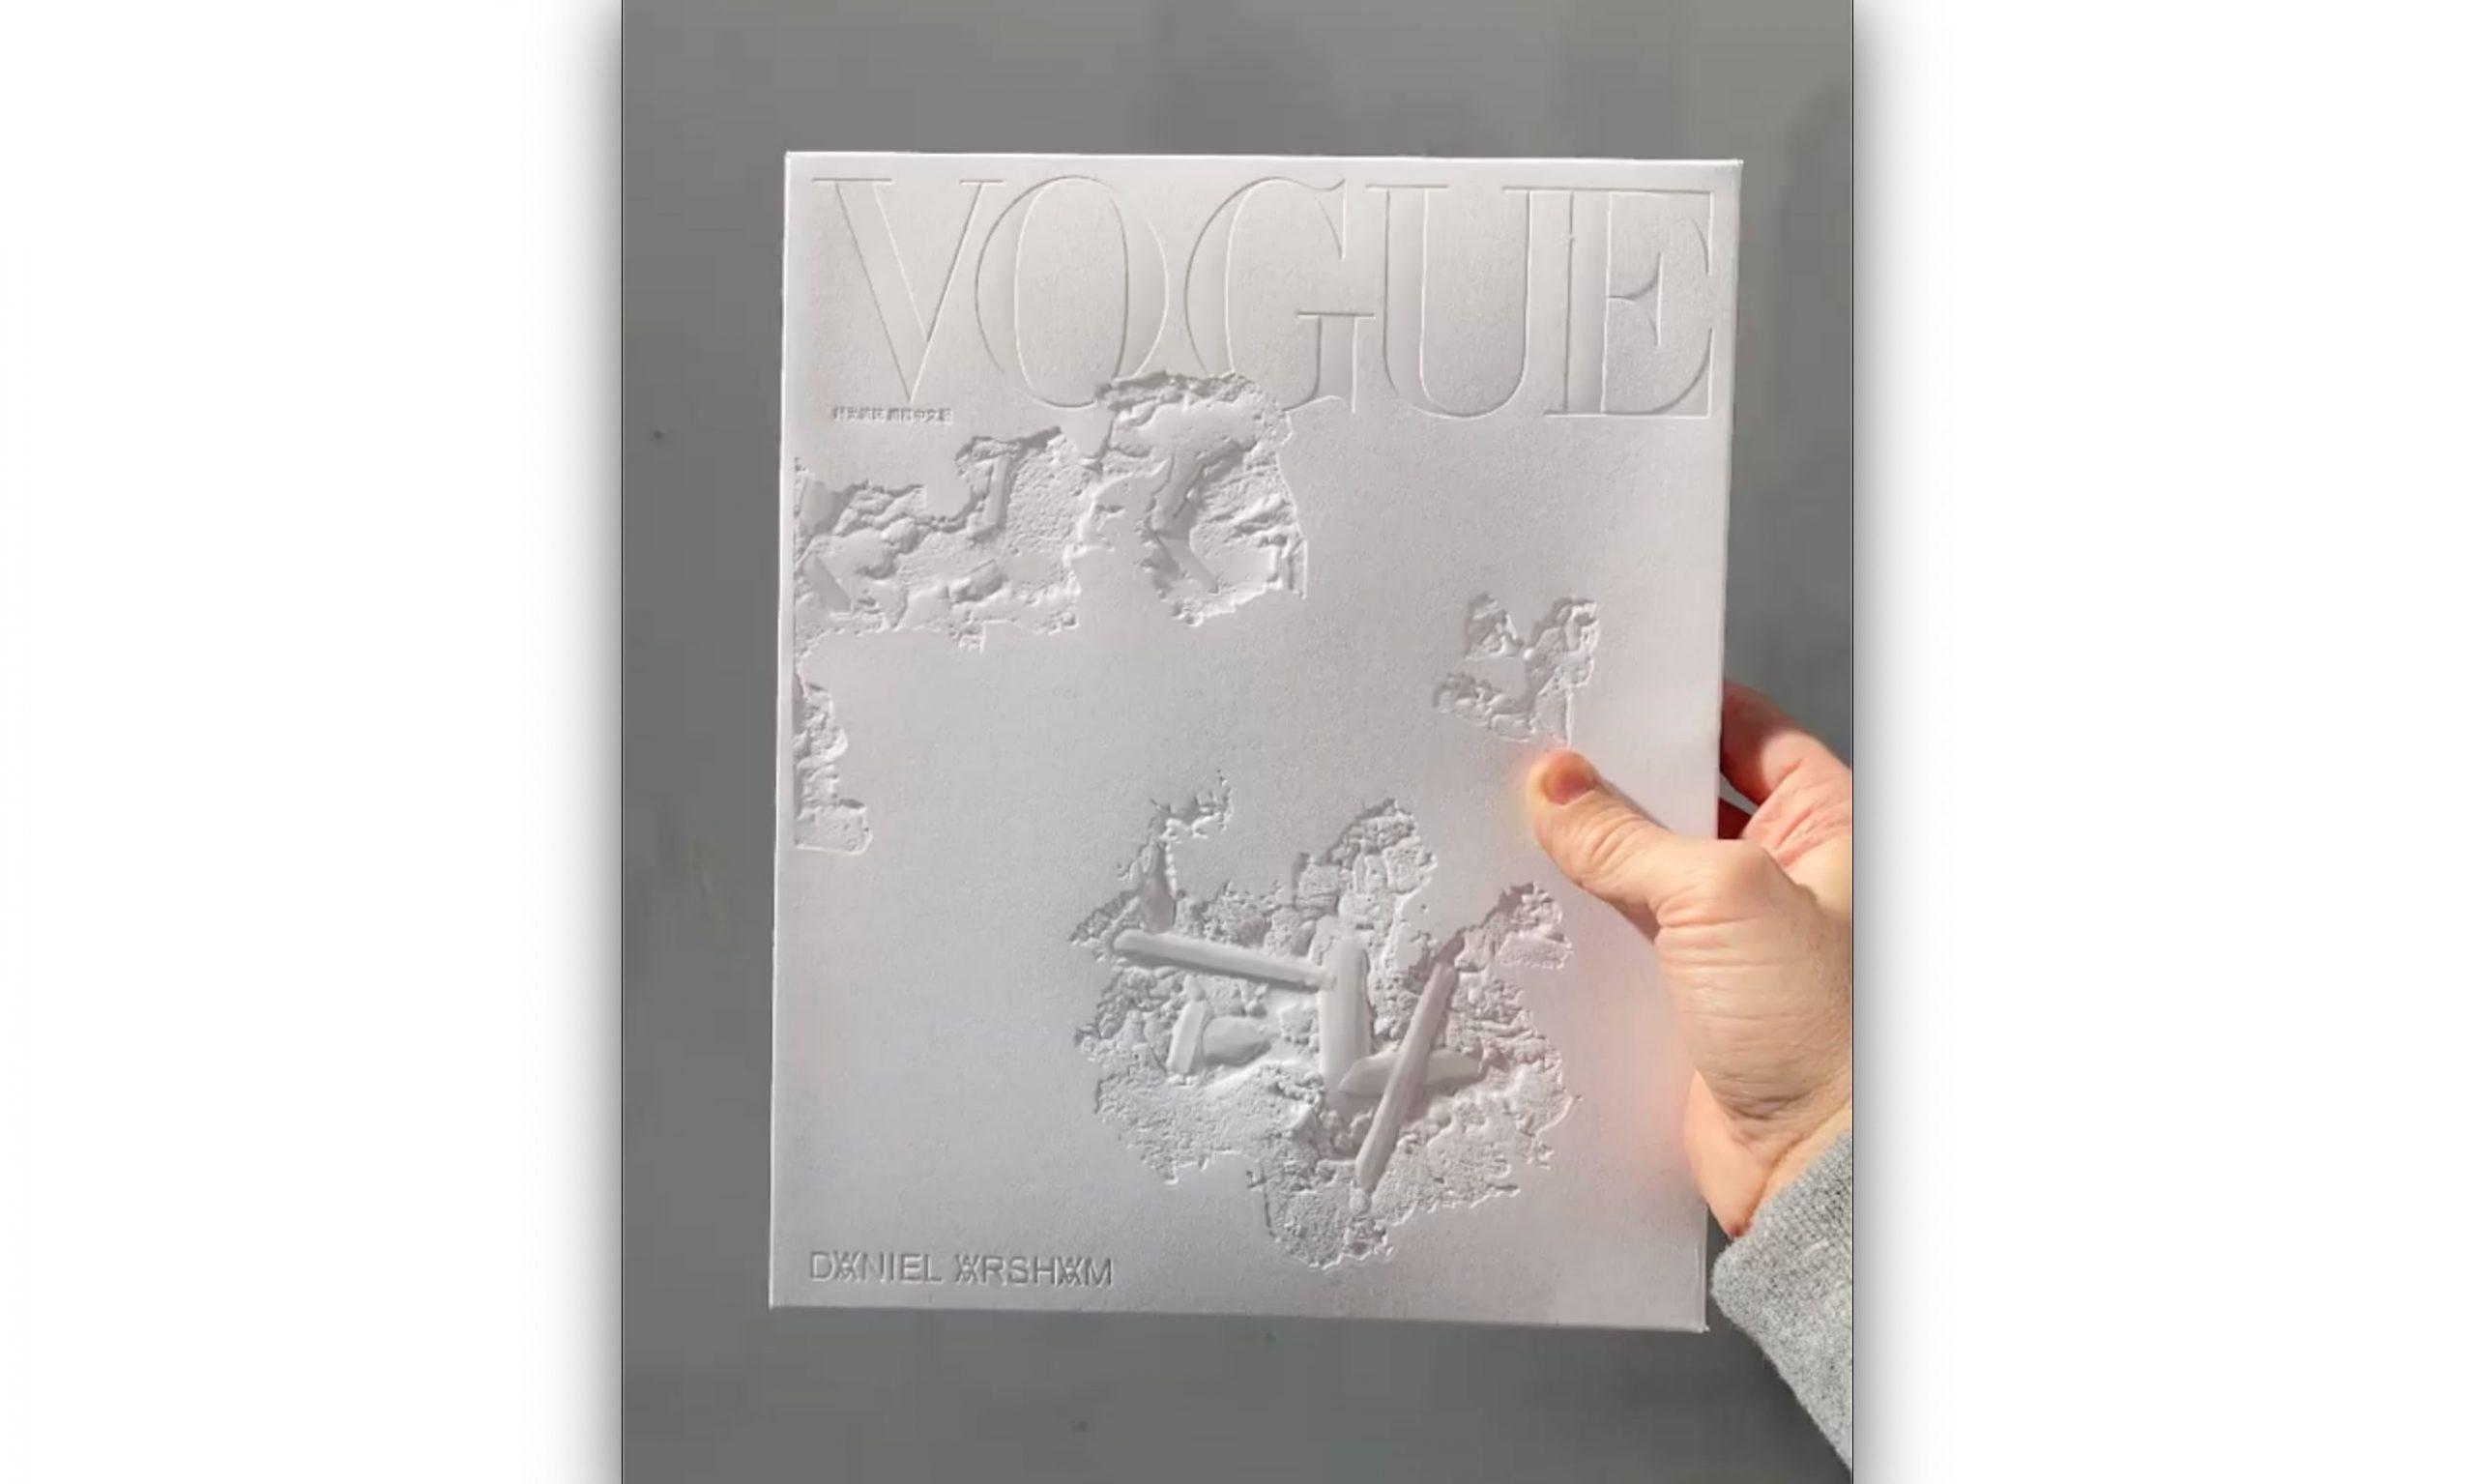 Daniel Arsham 为《VOGUE》台湾打造特别版封面